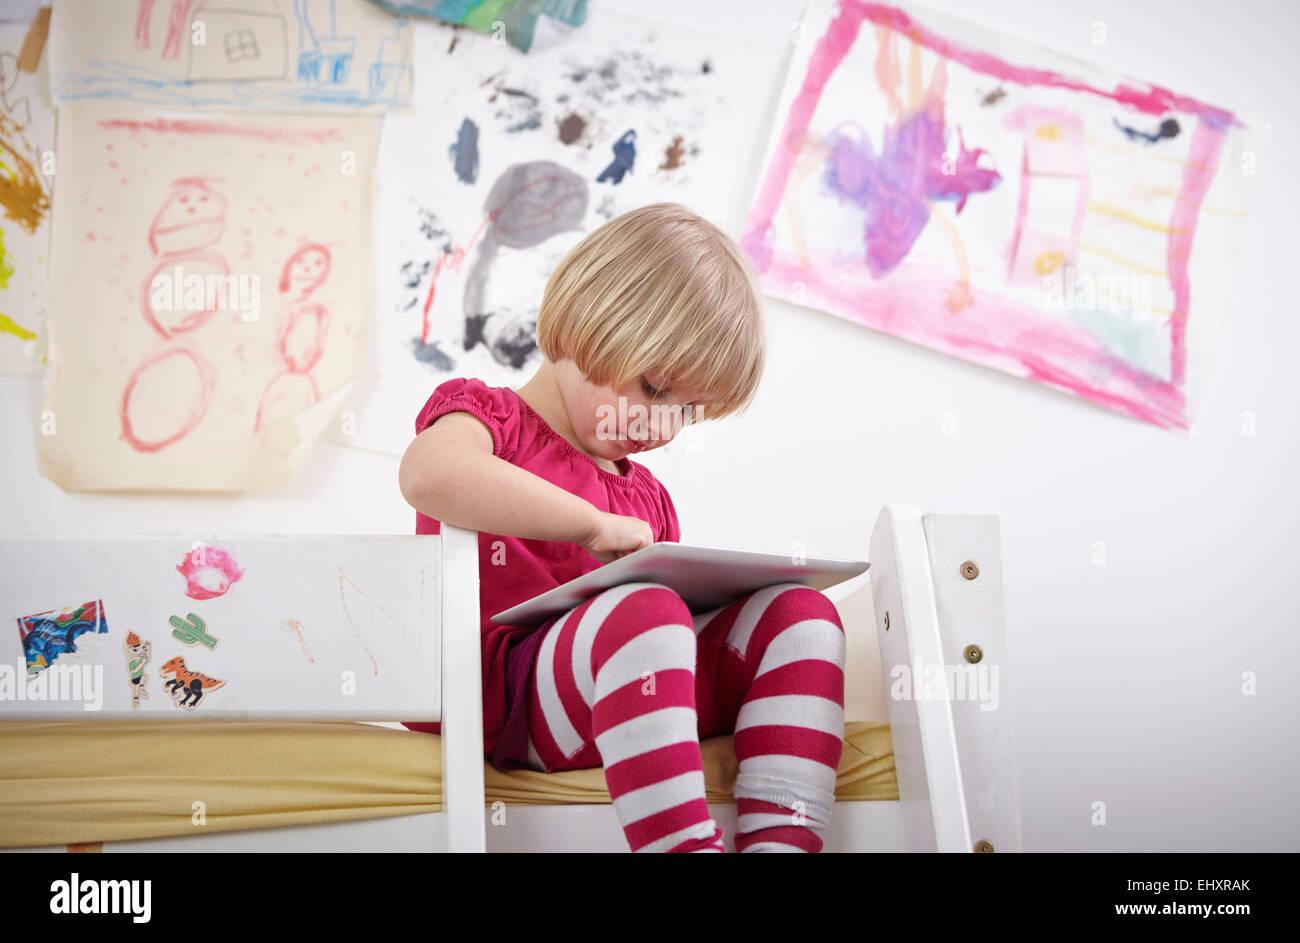 Kleines Etagenbett : Kleines mädchen sitzt auf etagenbett zeichnung touch pad